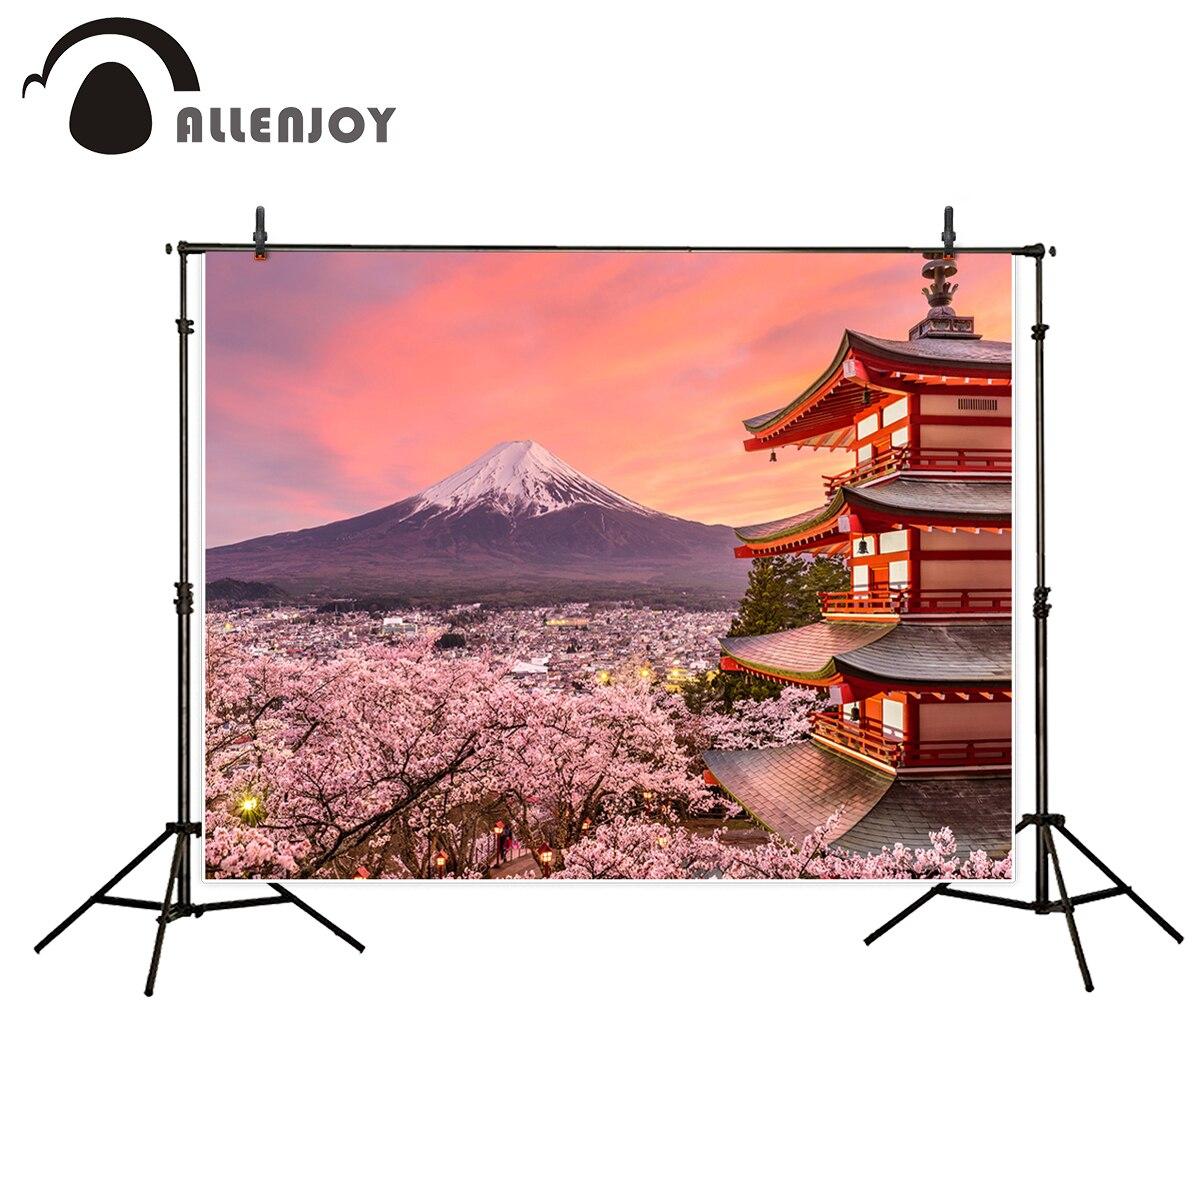 Download 450 Background Pemandangan Merah HD Terbaru